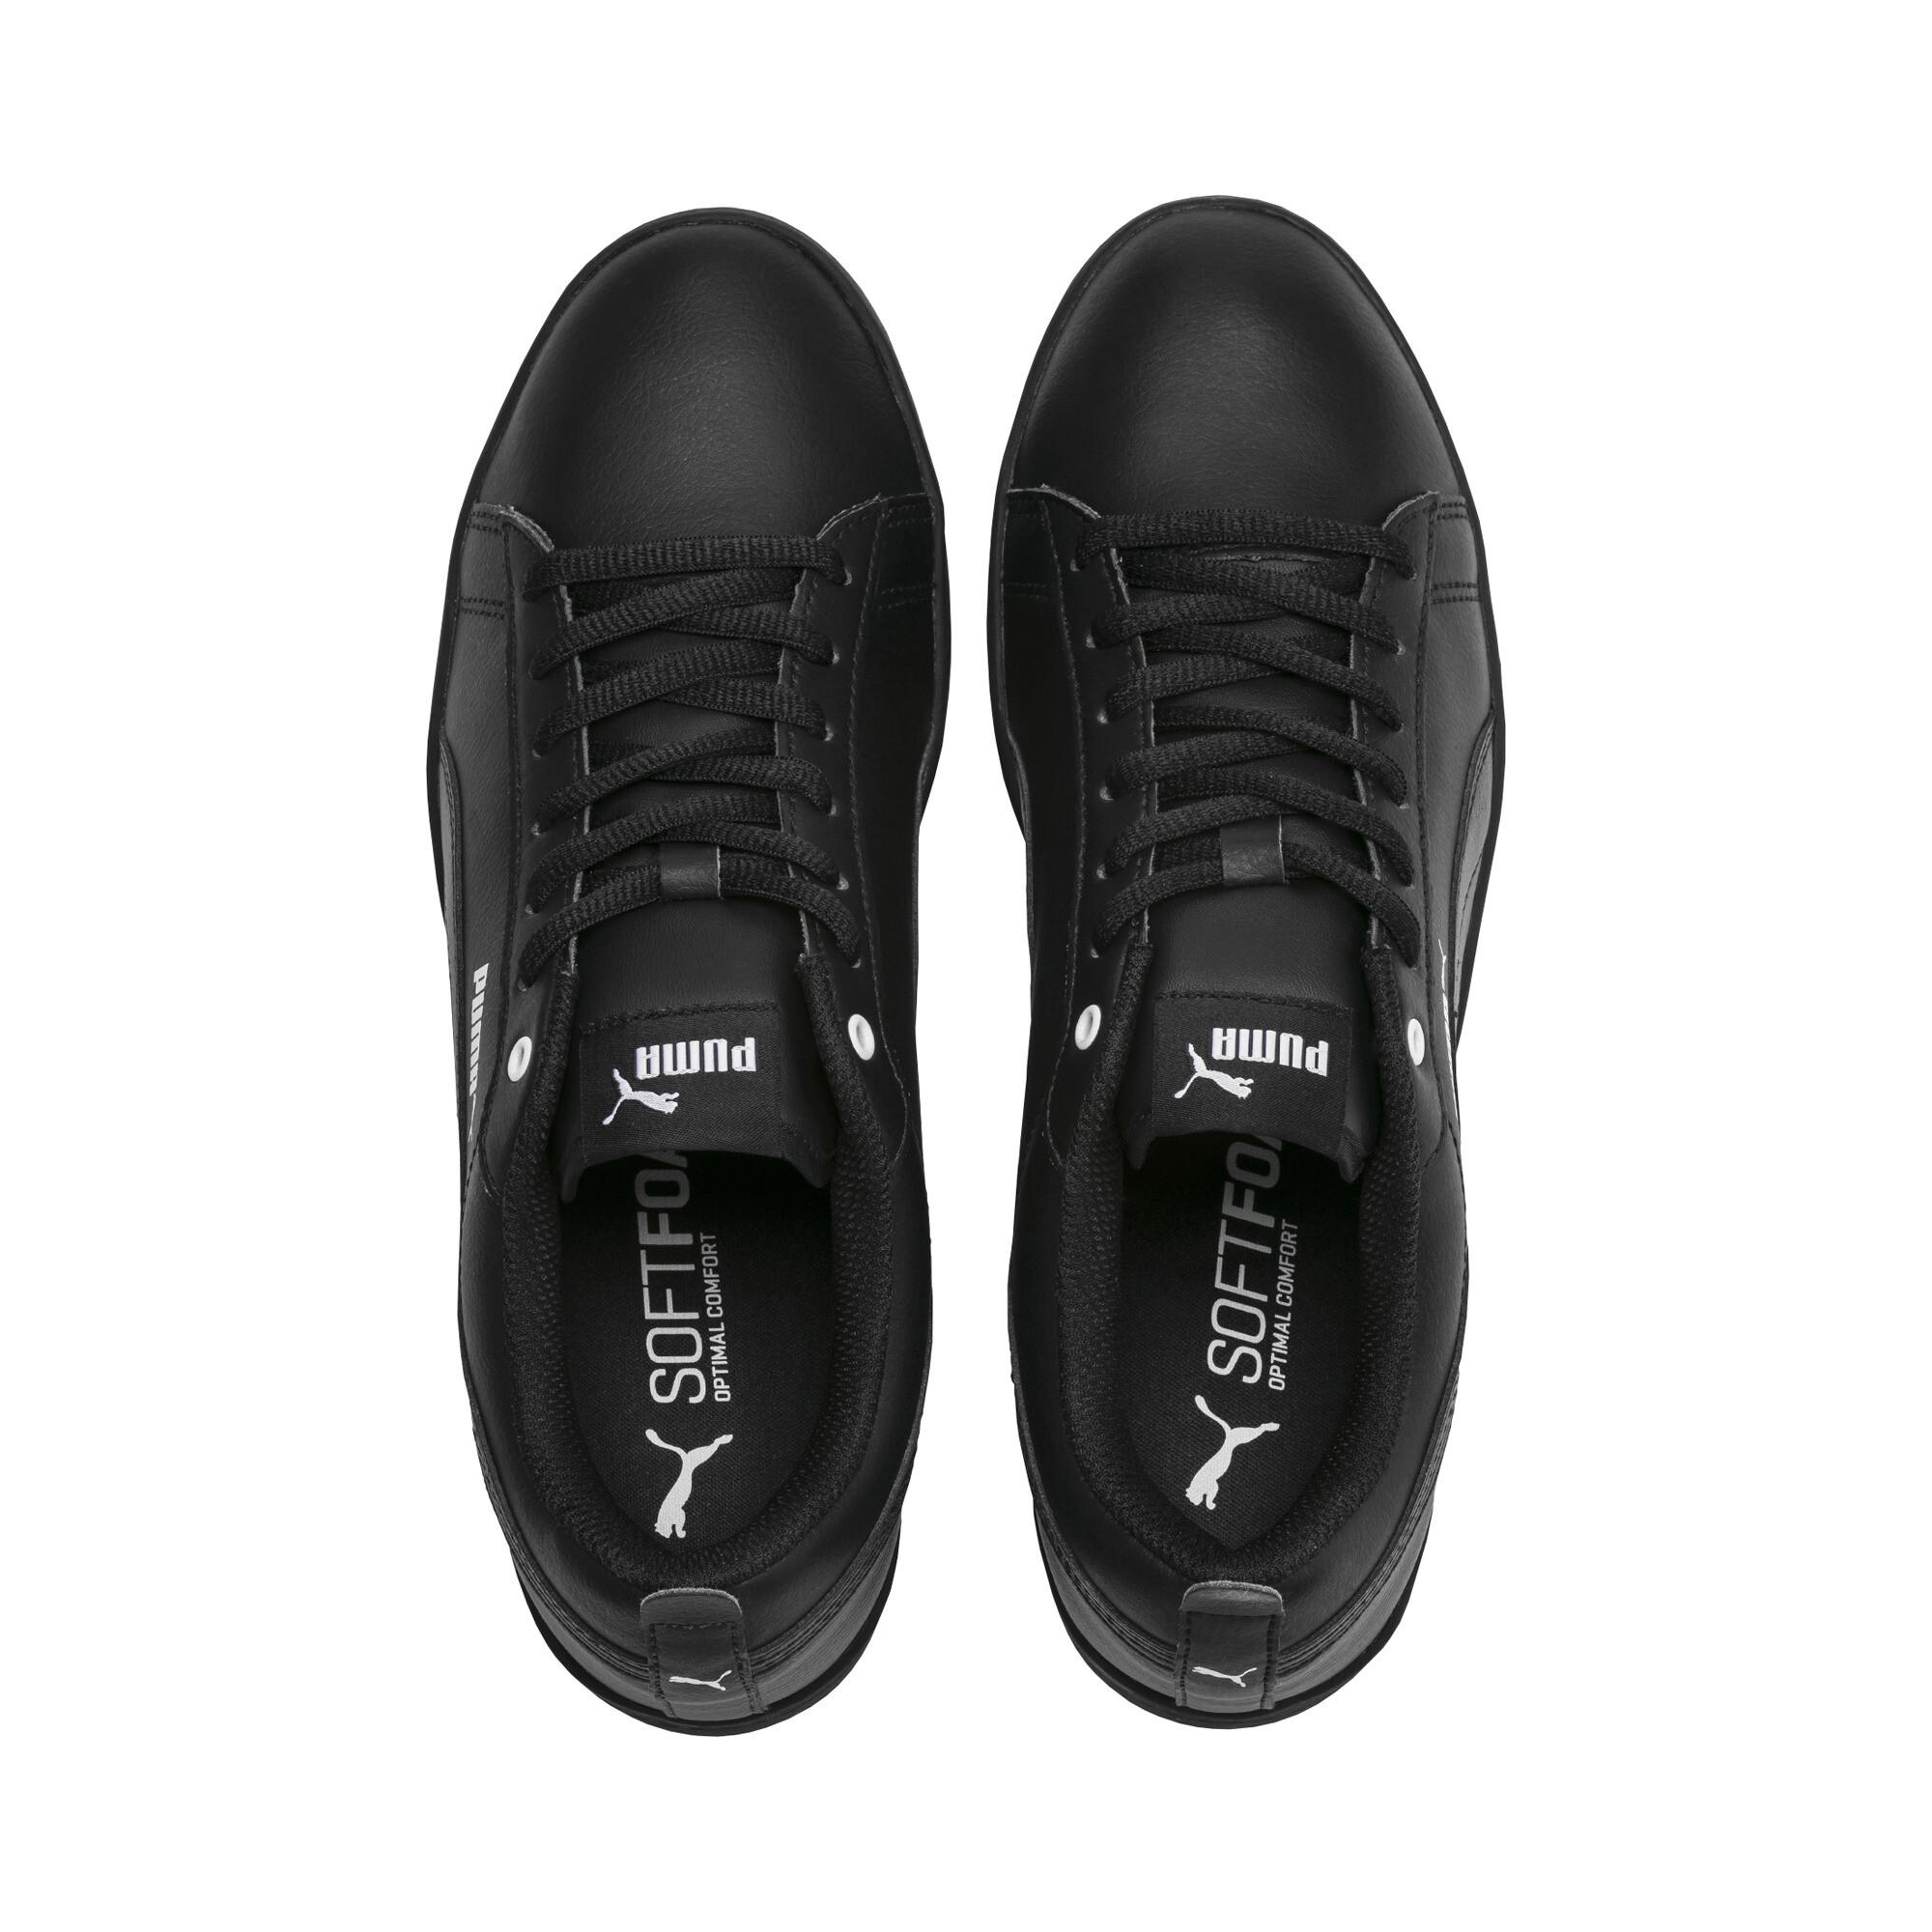 thumbnail 9 - PUMA-Women-039-s-Smash-v2-Leather-Sneakers